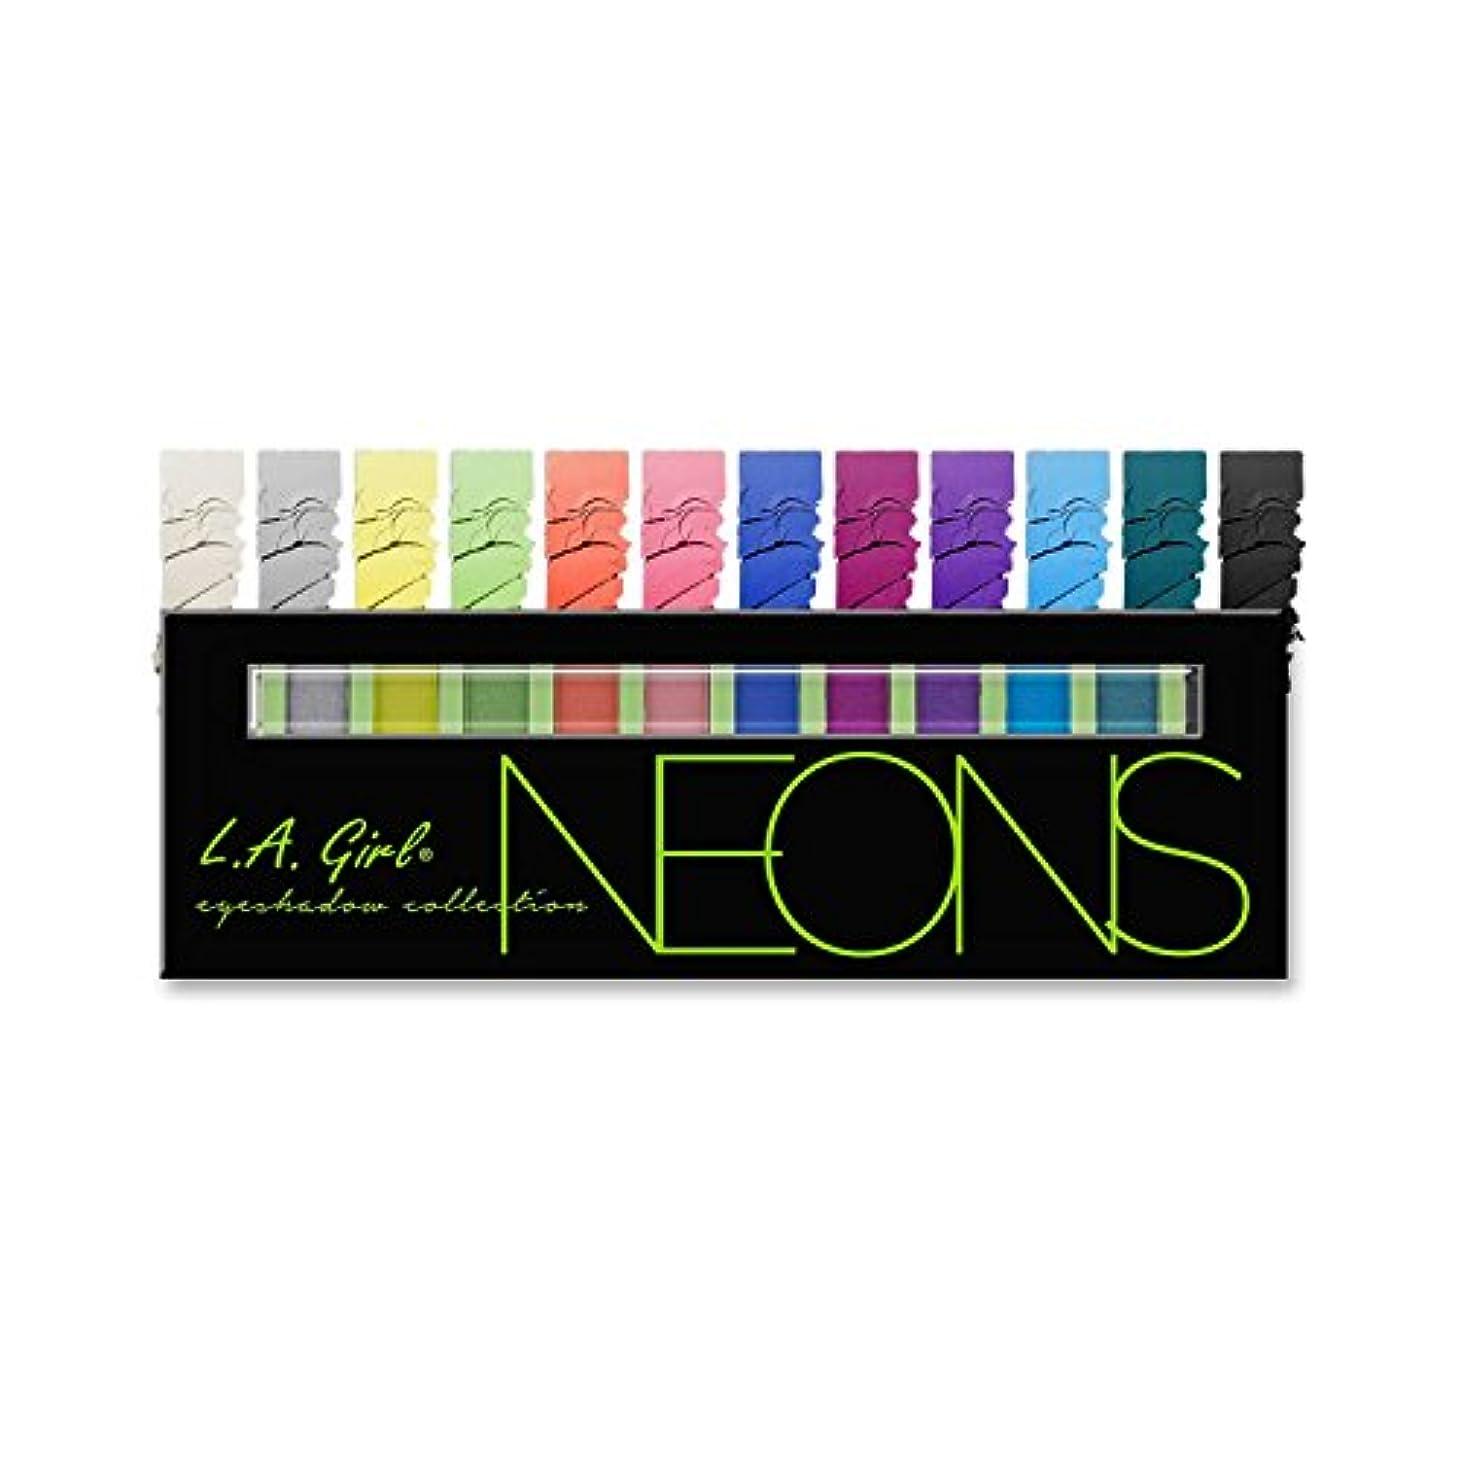 マイルストーン中国わずらわしいLA GIRL Beauty Brick Eyeshadow Collection - Neons (並行輸入品)